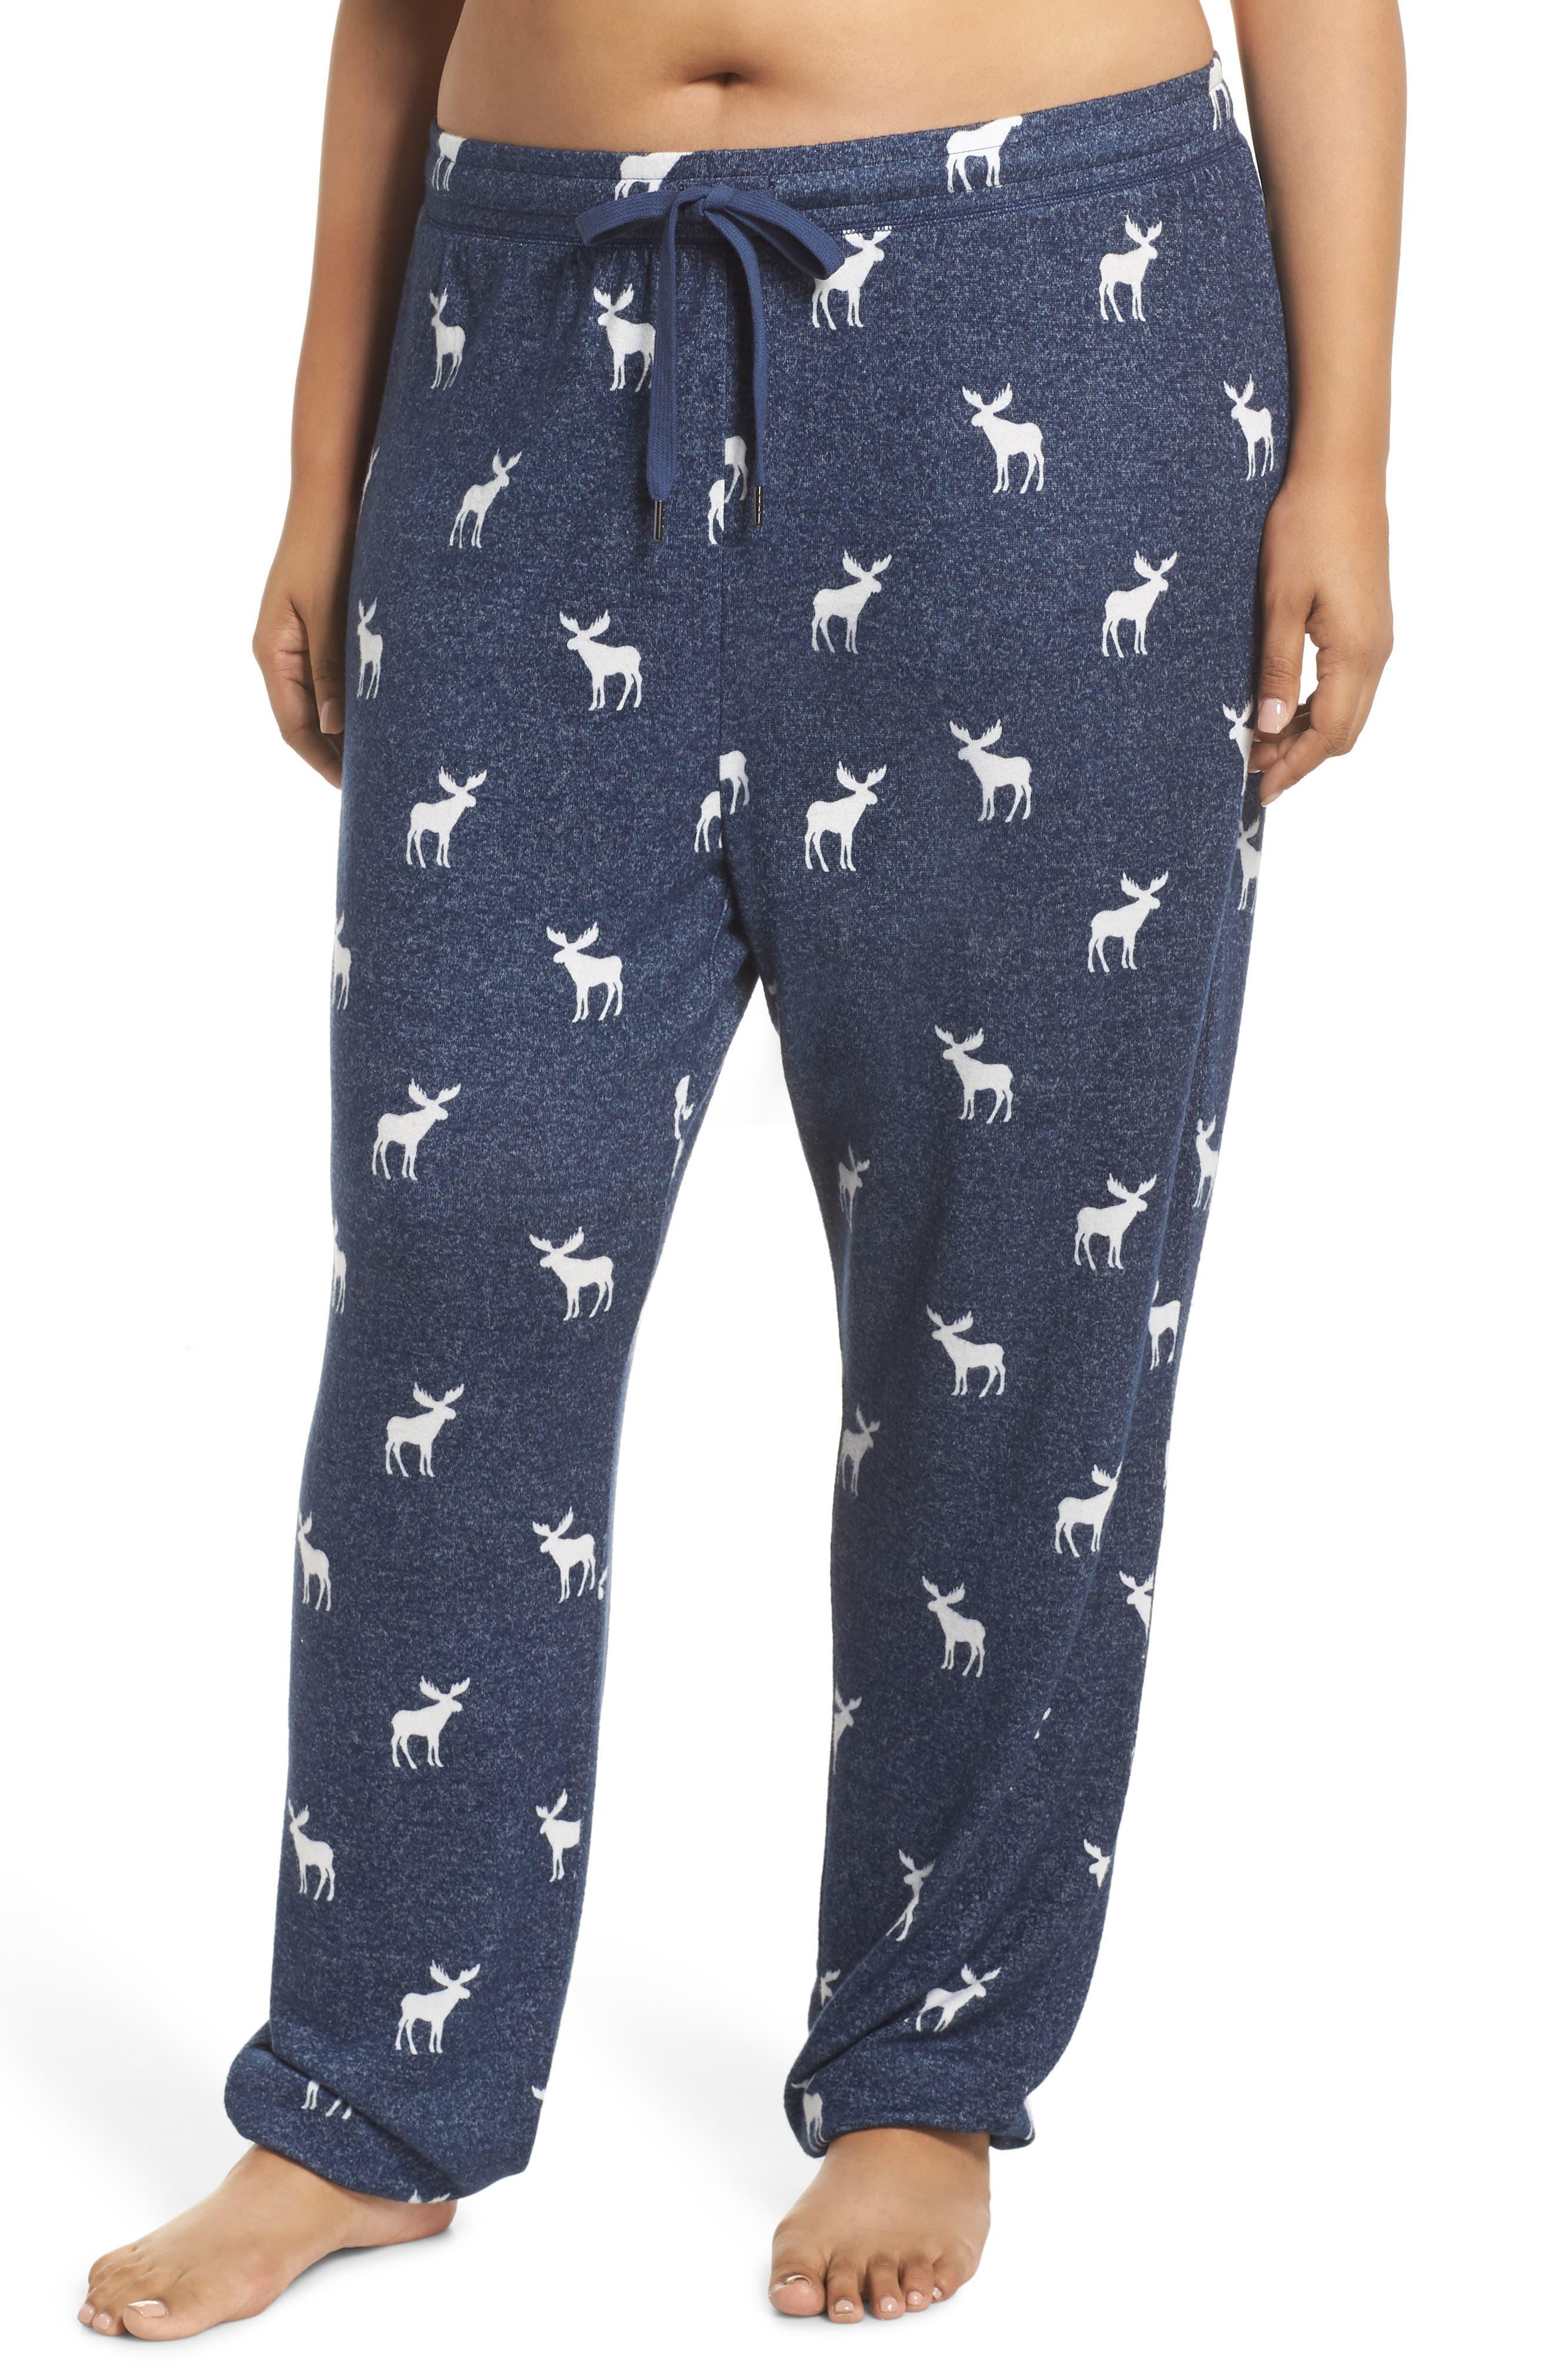 Moose Print Banded Pajama Pants,                             Main thumbnail 1, color,                             NAVY